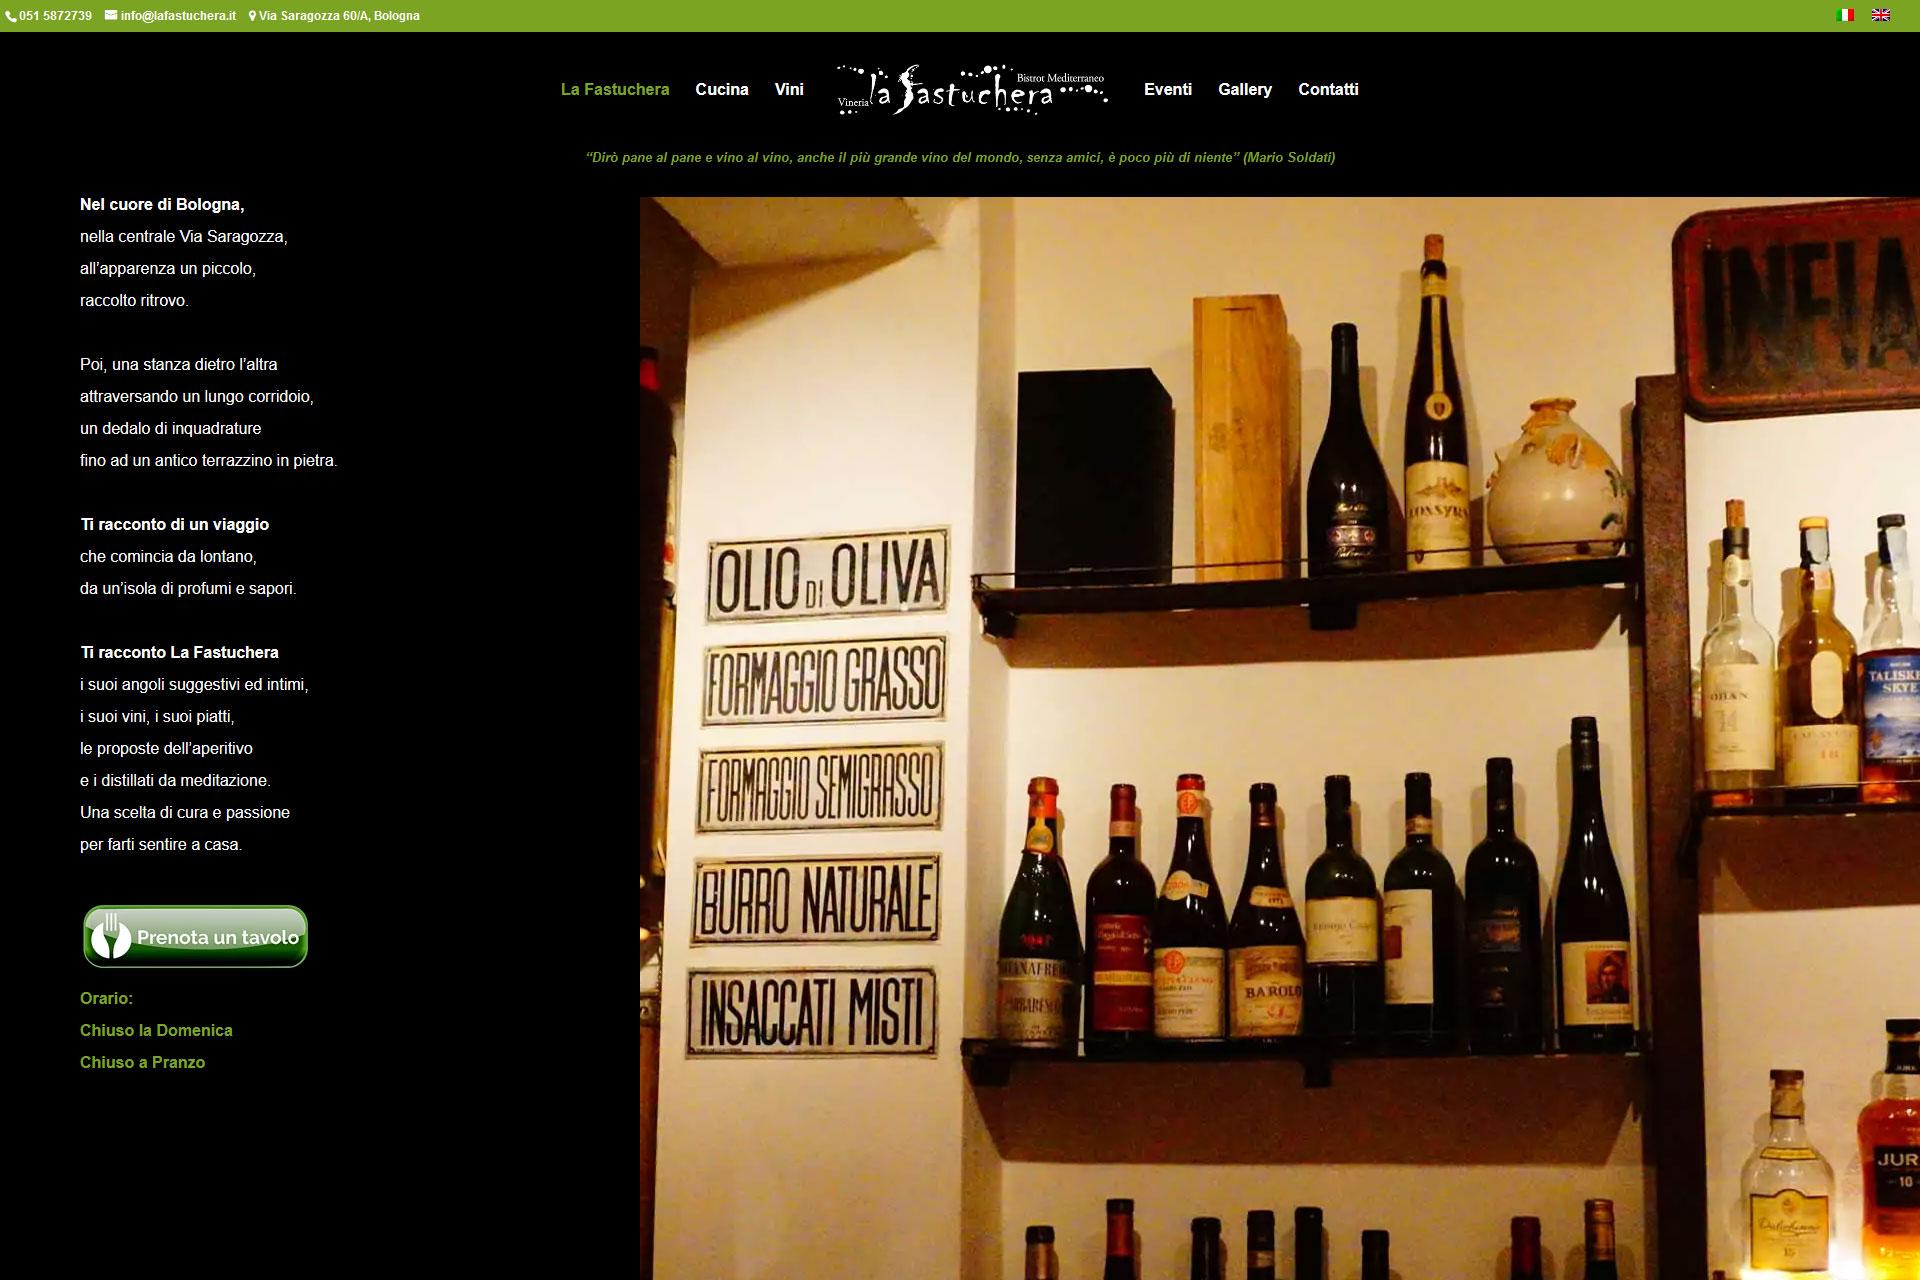 lv-design-realizzazione-siti-web-bologna-portfolio-la-fastuchera-slide-2